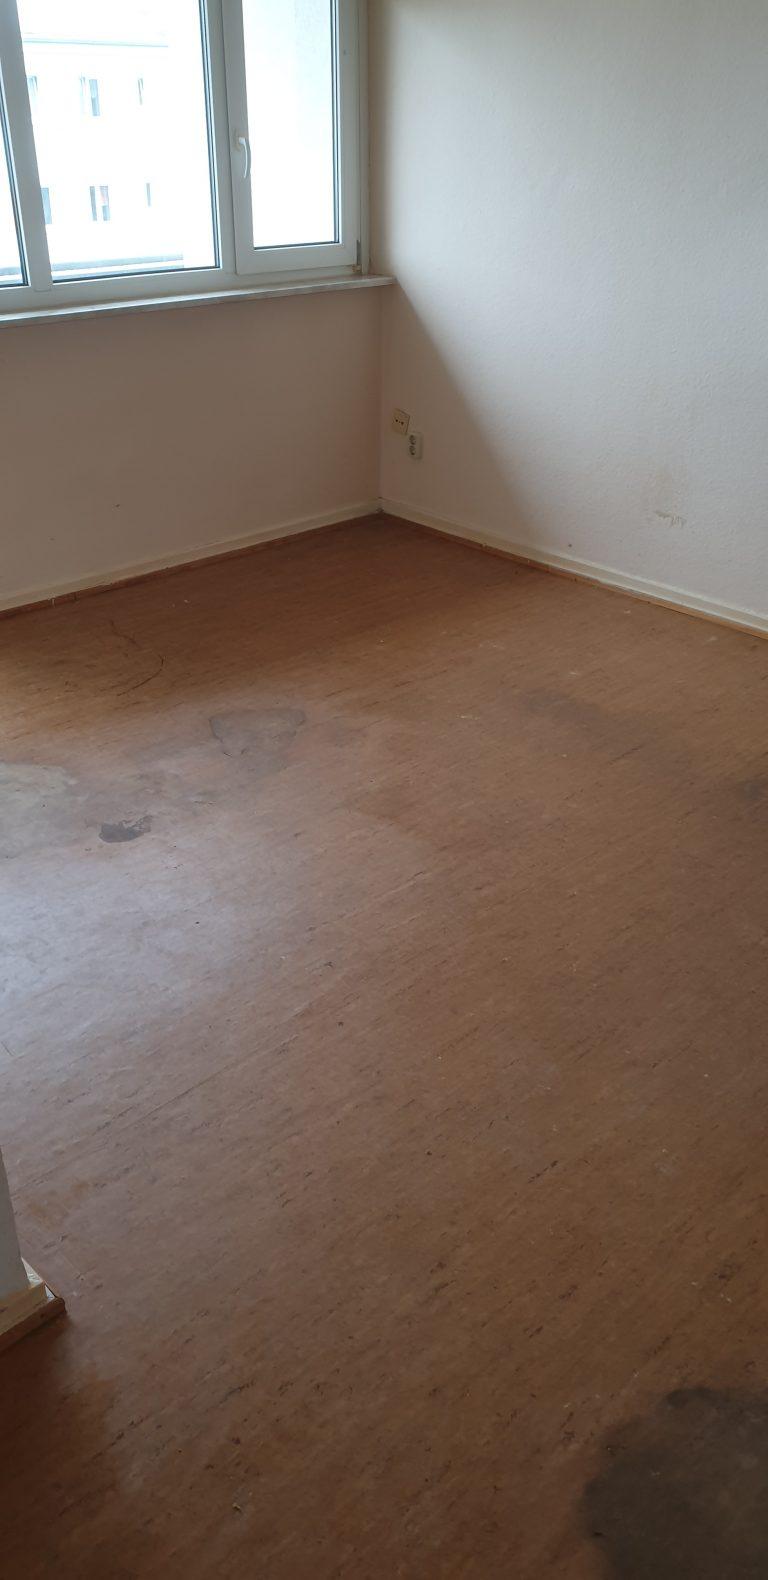 Tatortreinigung Lipka Messie Beispiel Wohnung 10